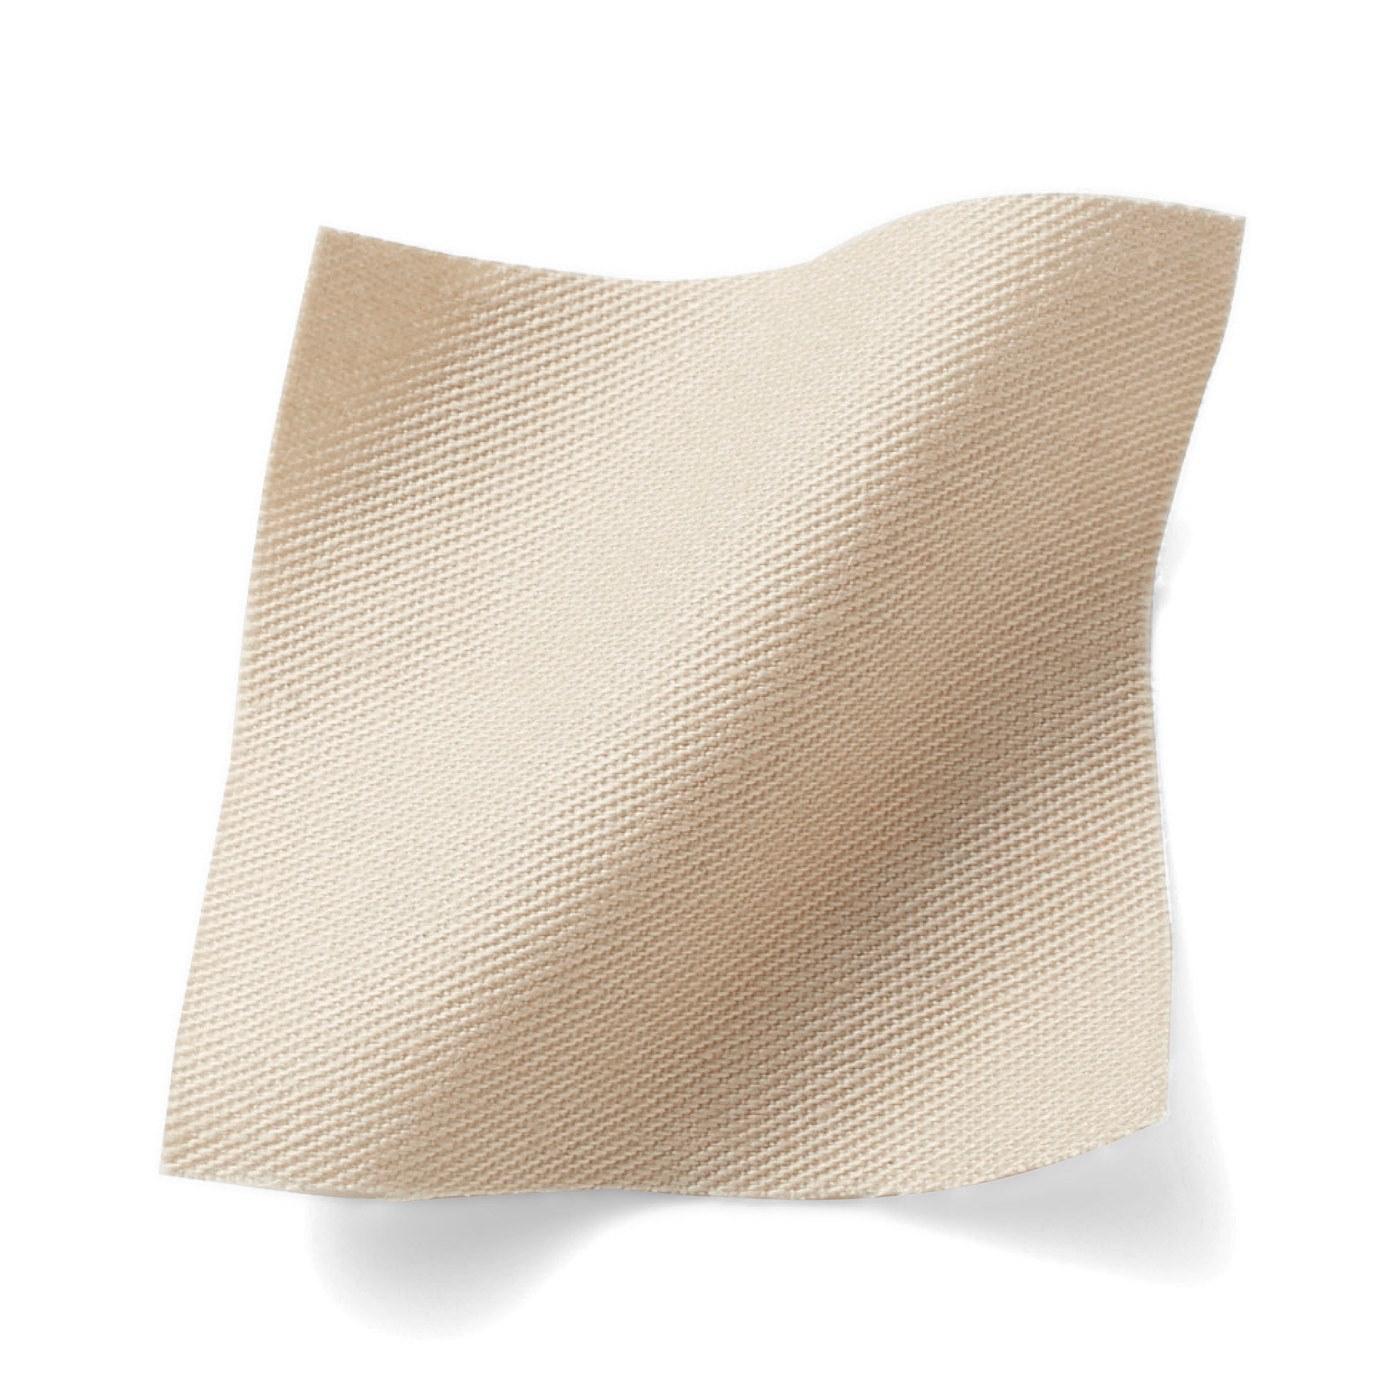 【ポイント3:シーンを選ばずさらっと羽織れるツイル素材。】セレモニースーツや休日のデニムスタイルまで、幅広い季節とシーンで着回せるベーシックな素材感。